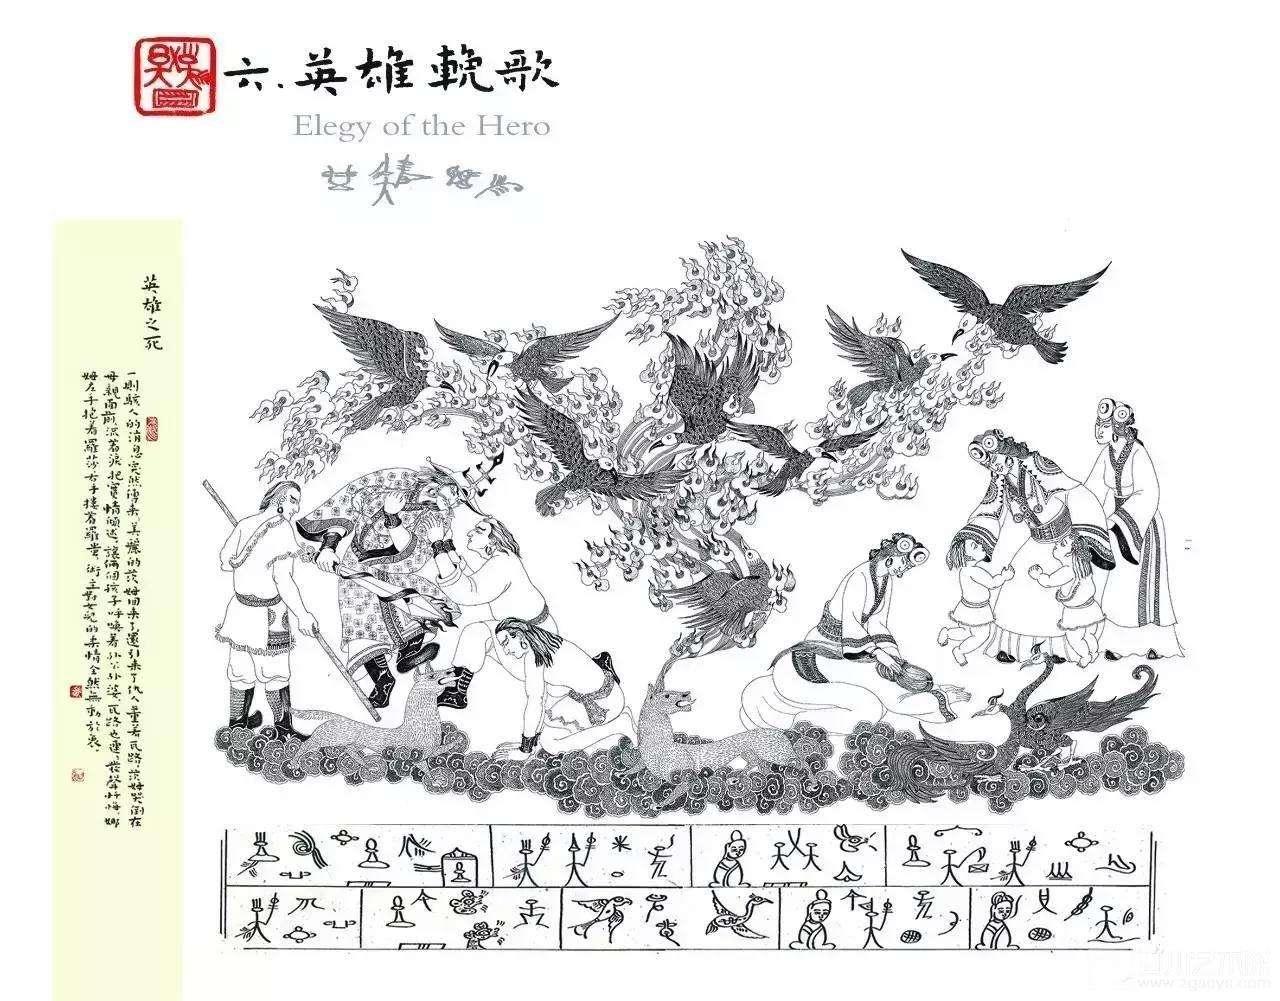 据悉,以纳西族史诗为素材的《黑白战争》连环画展将于3月28日至4月4日